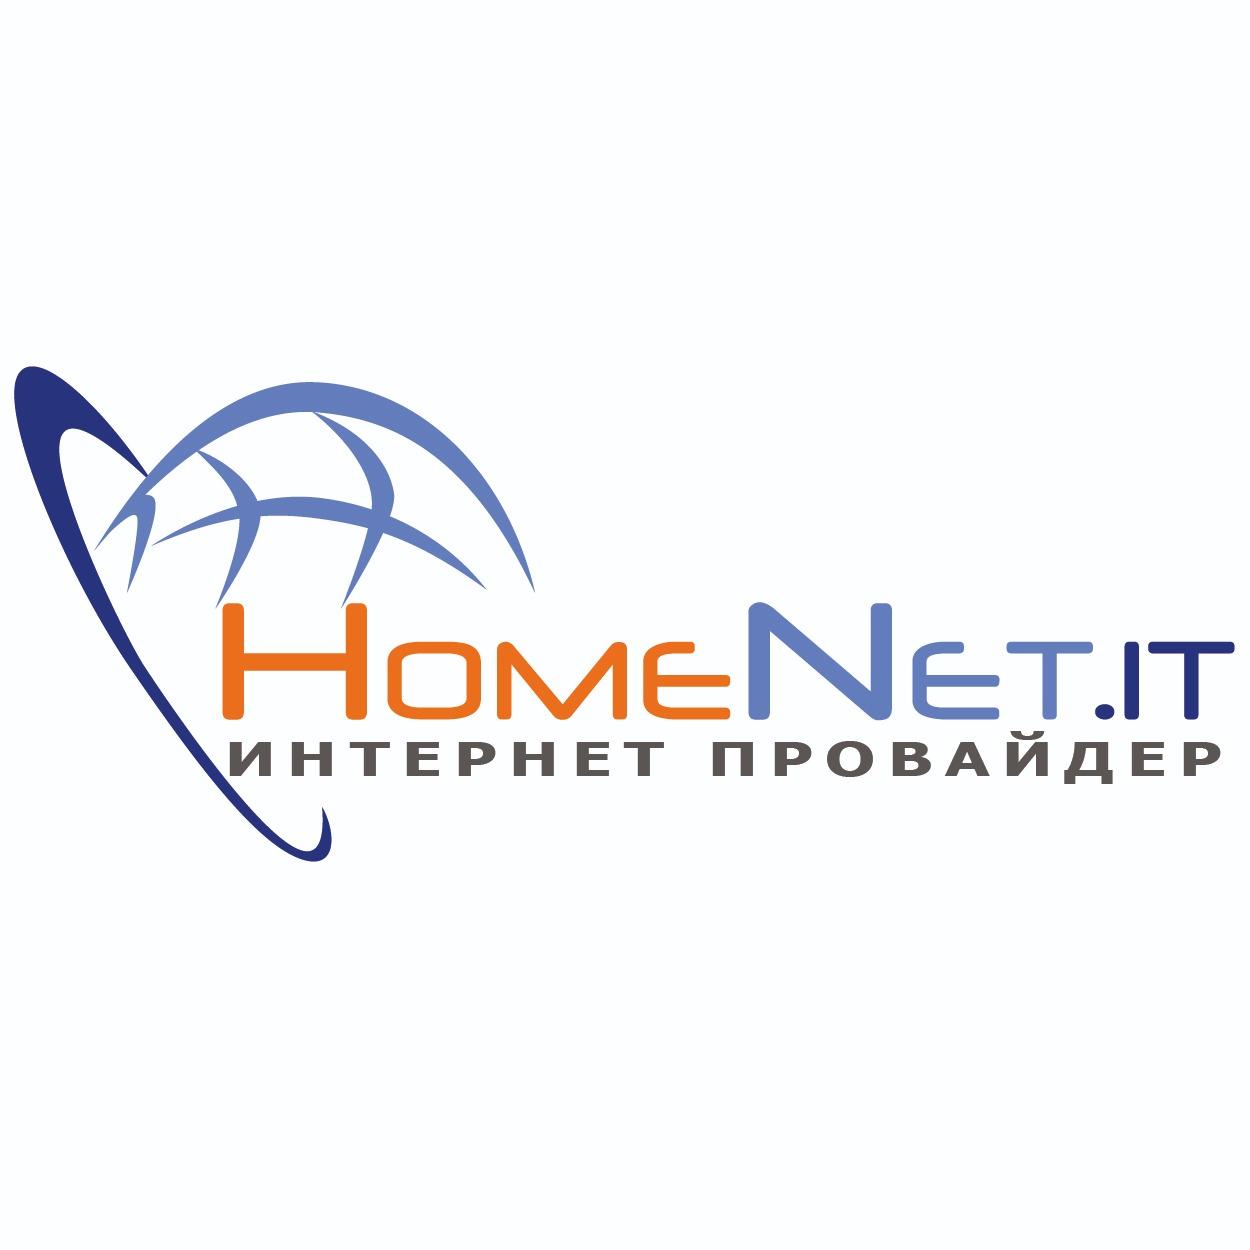 homeNet